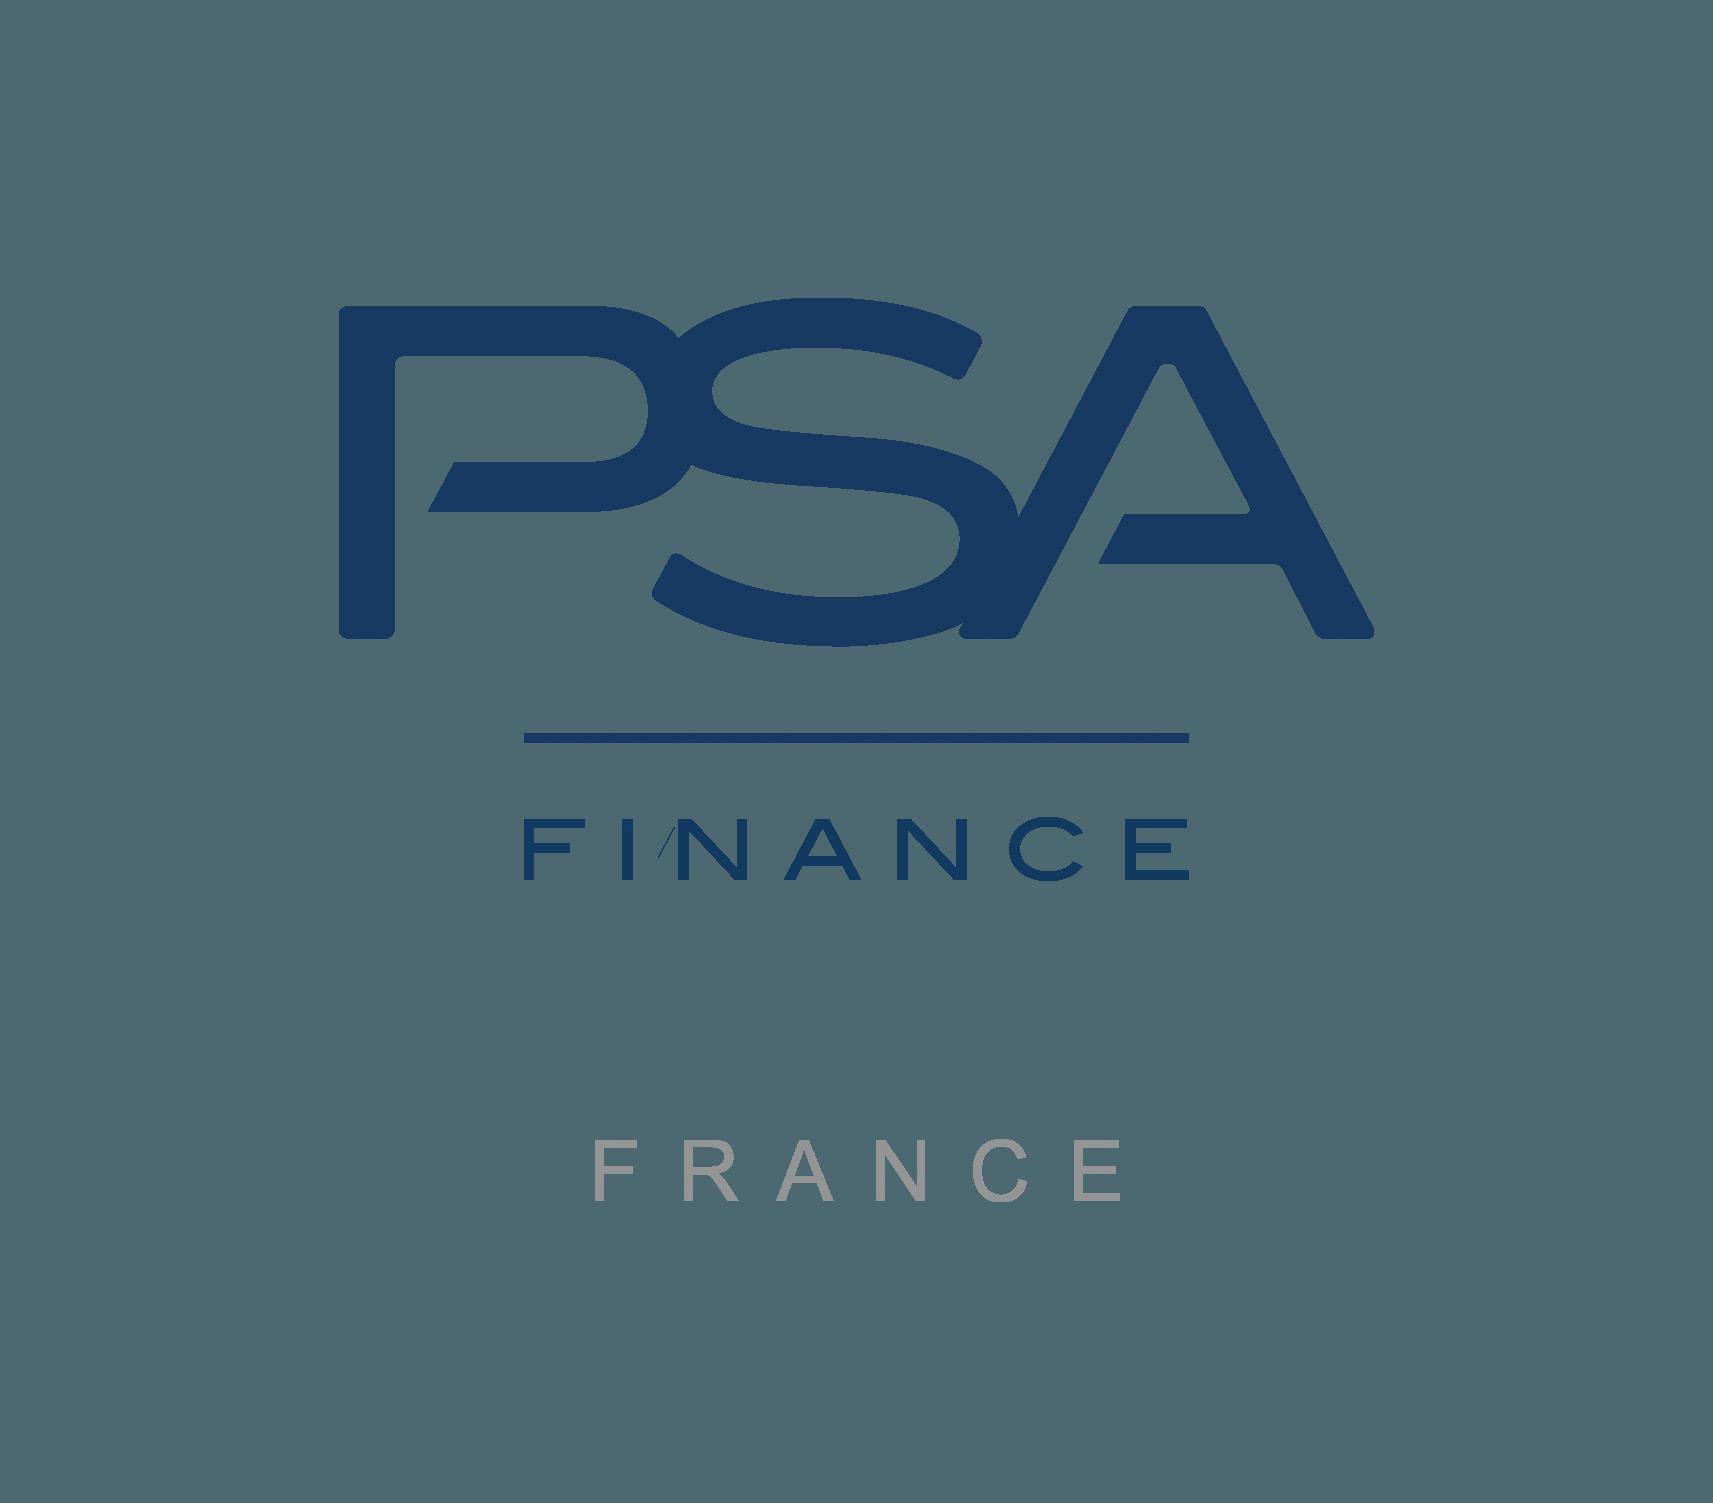 PSA Finance partenaire de l'ESUP - École Supérieure de Commerce, Management et Marketing - ESUP Paris école de commerce en alternance